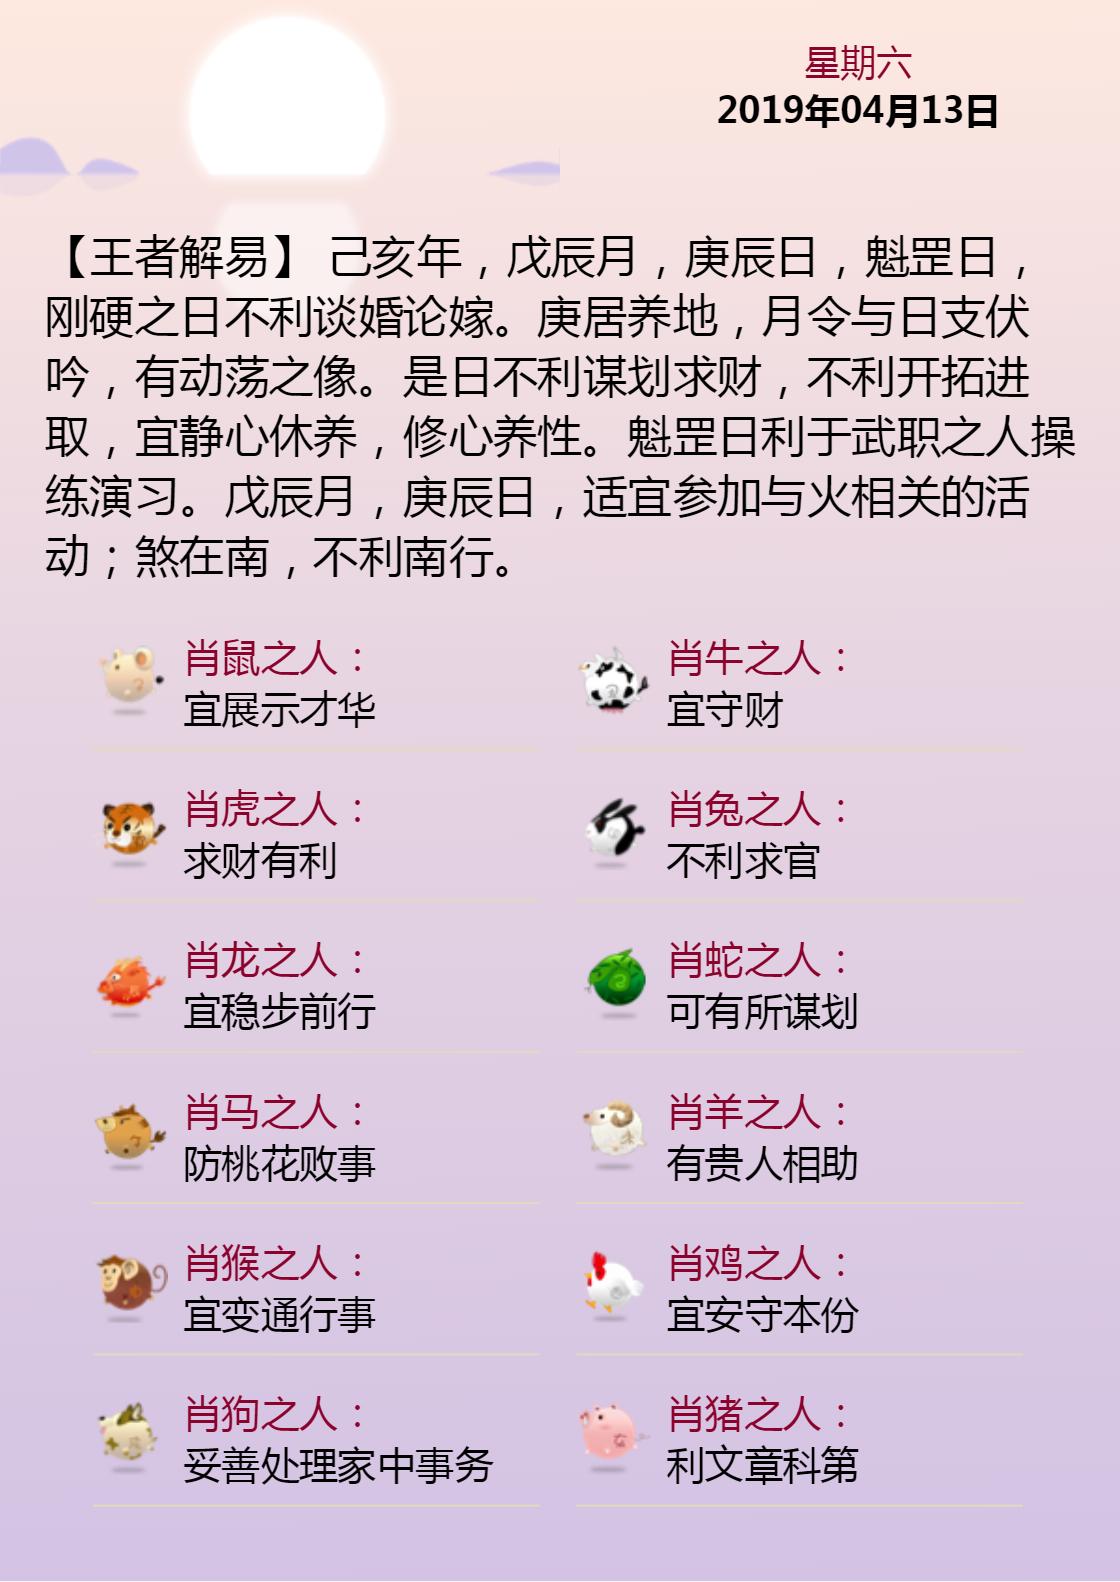 黄历海报20190413.png